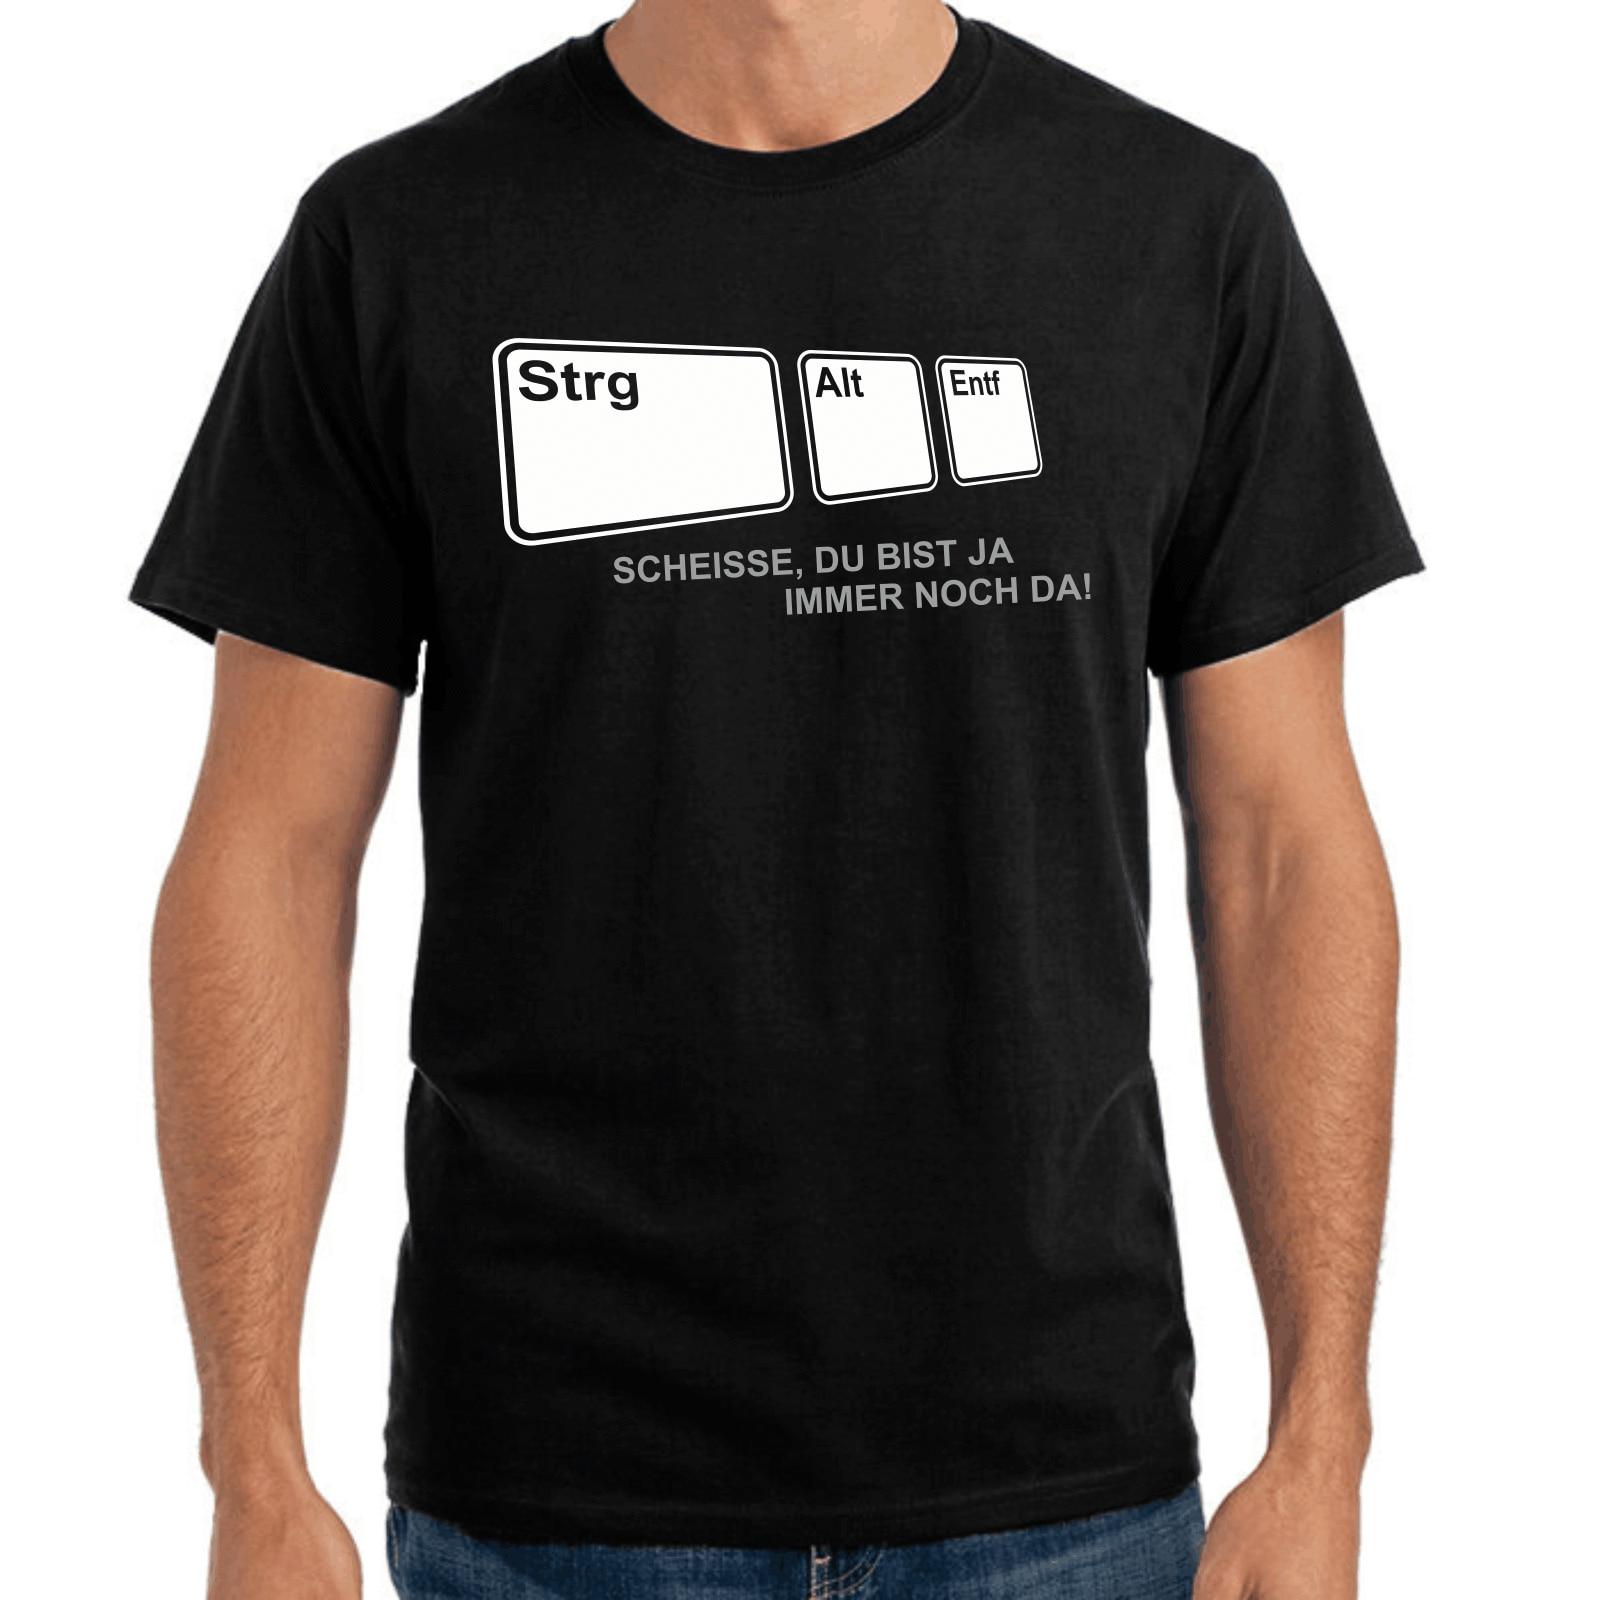 Strg + ALT + entf  развлечения  Nerd  геймер  PC  Geek  S-XXL футболка